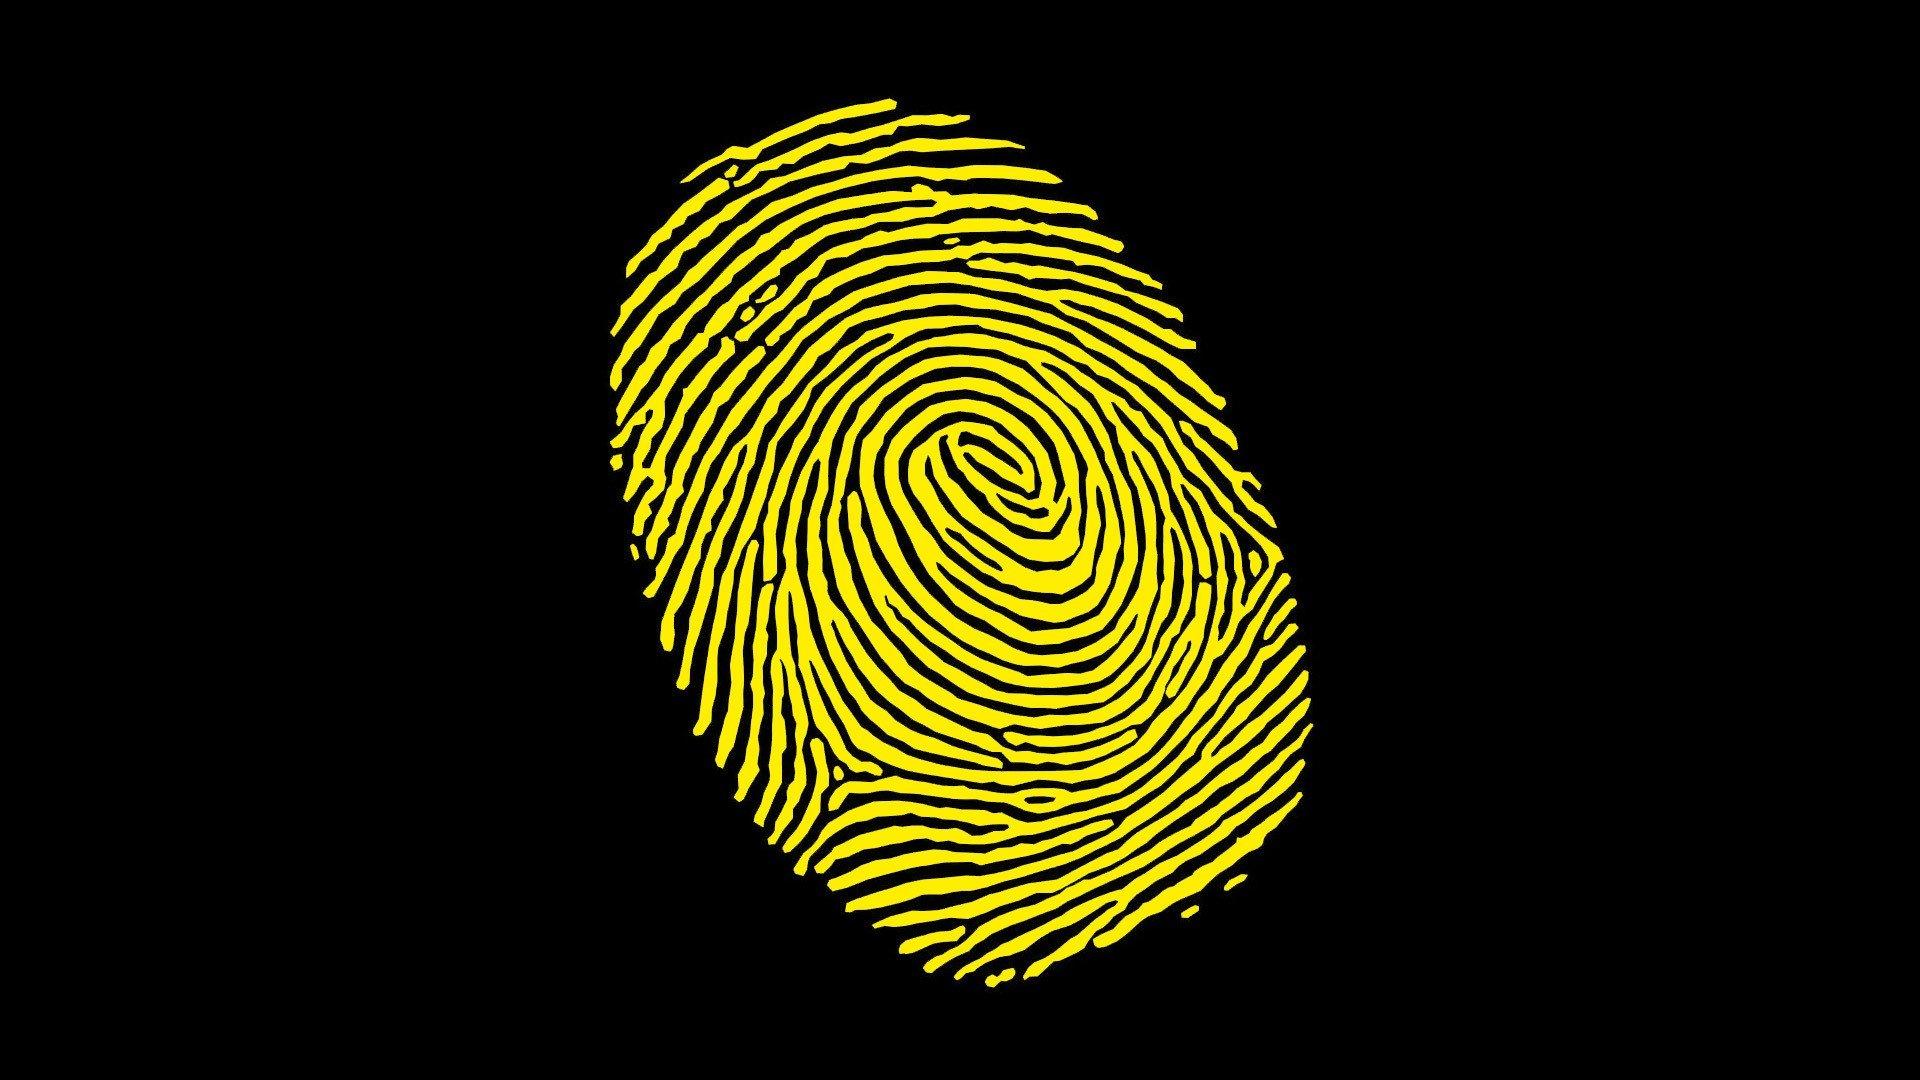 Отпечаток пальца картинка